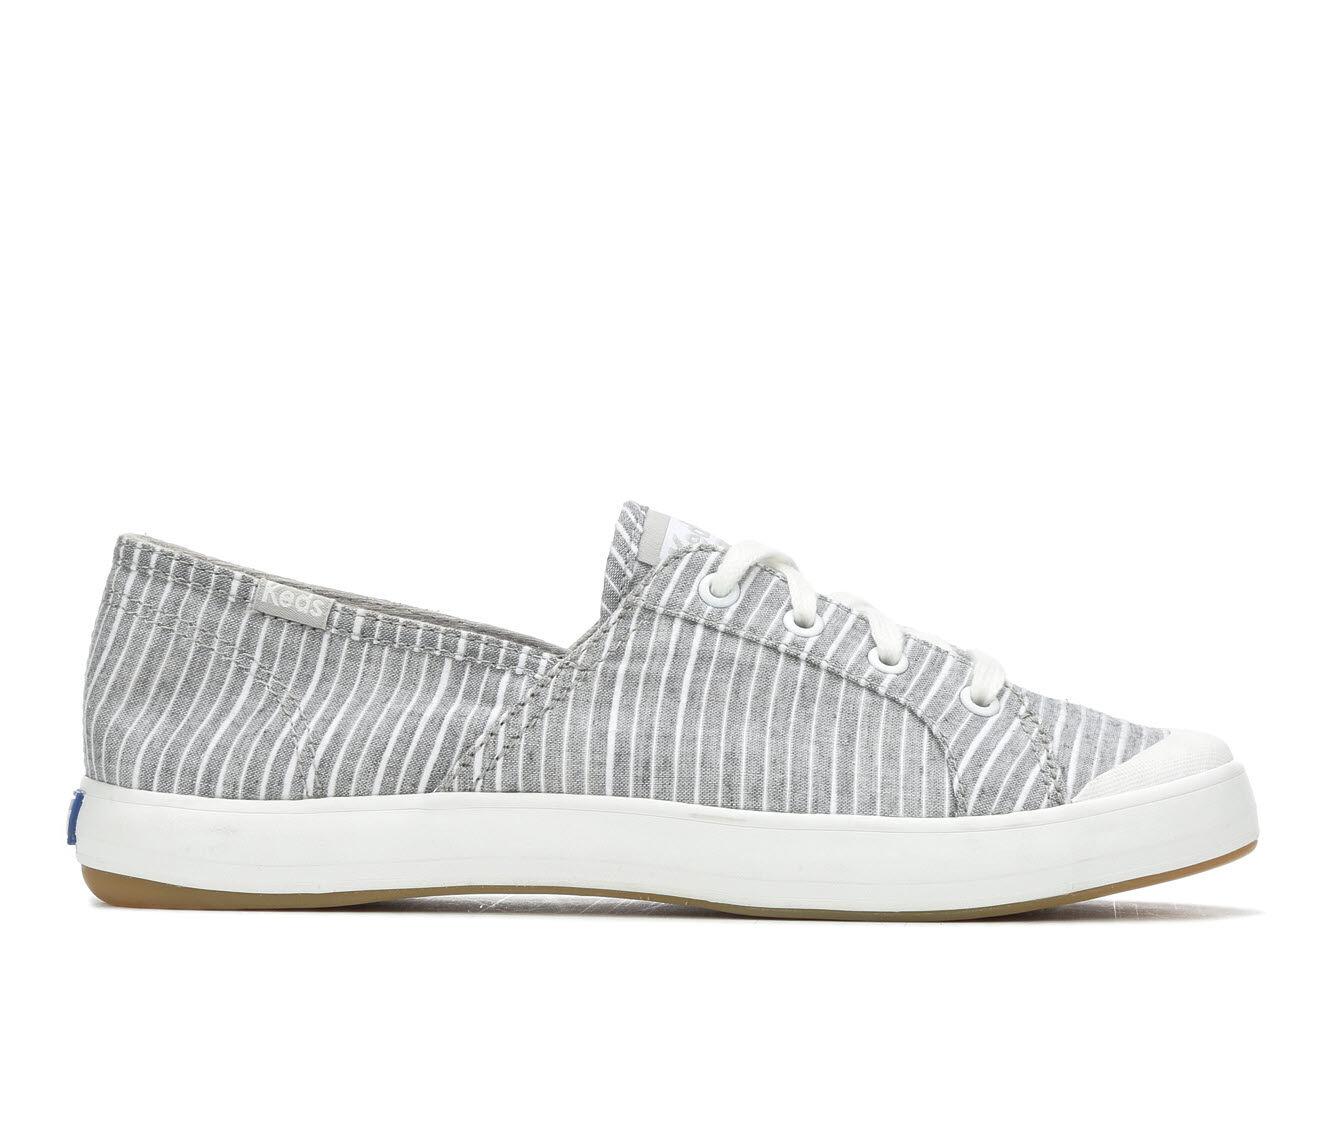 Women's Keds Sandy Stripe Sneakers Charcoal